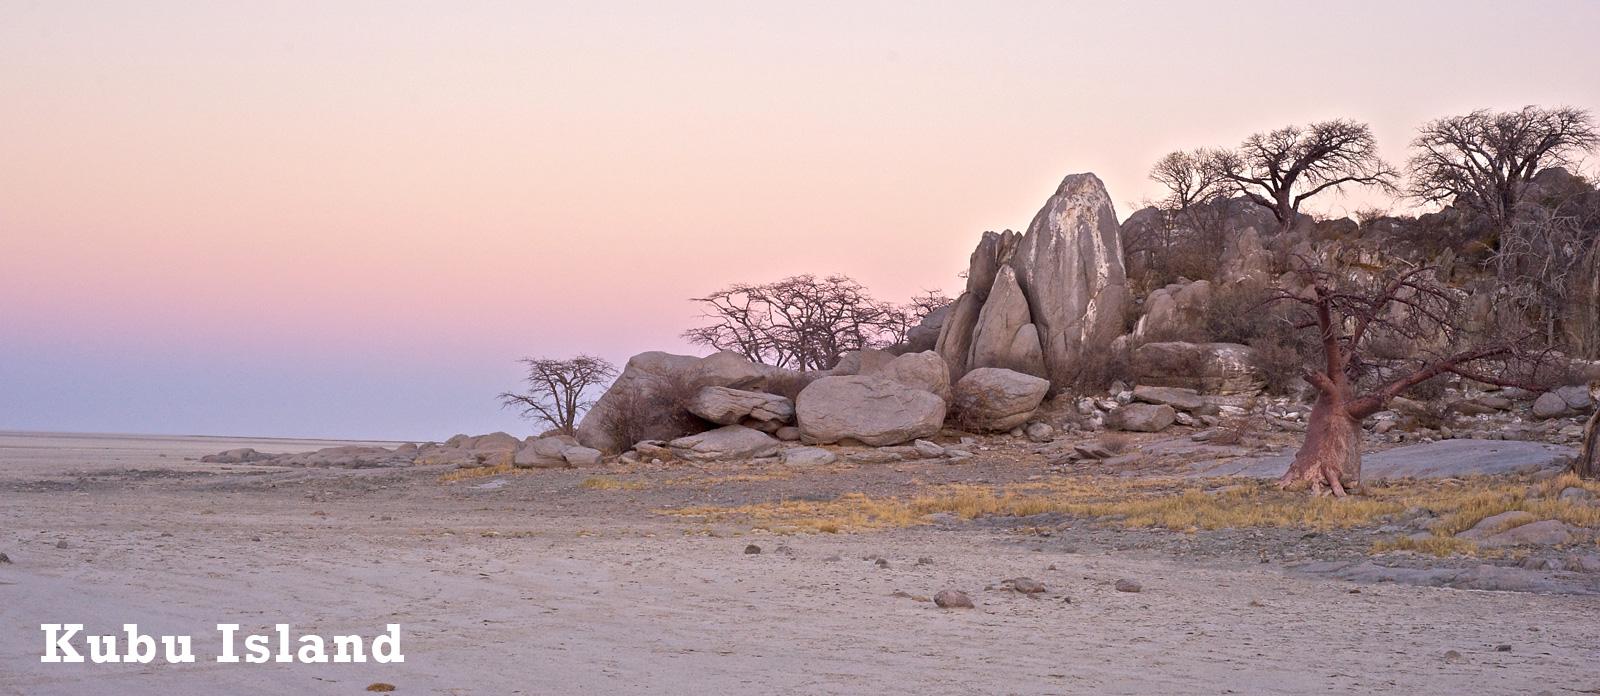 kubu-island-botswana